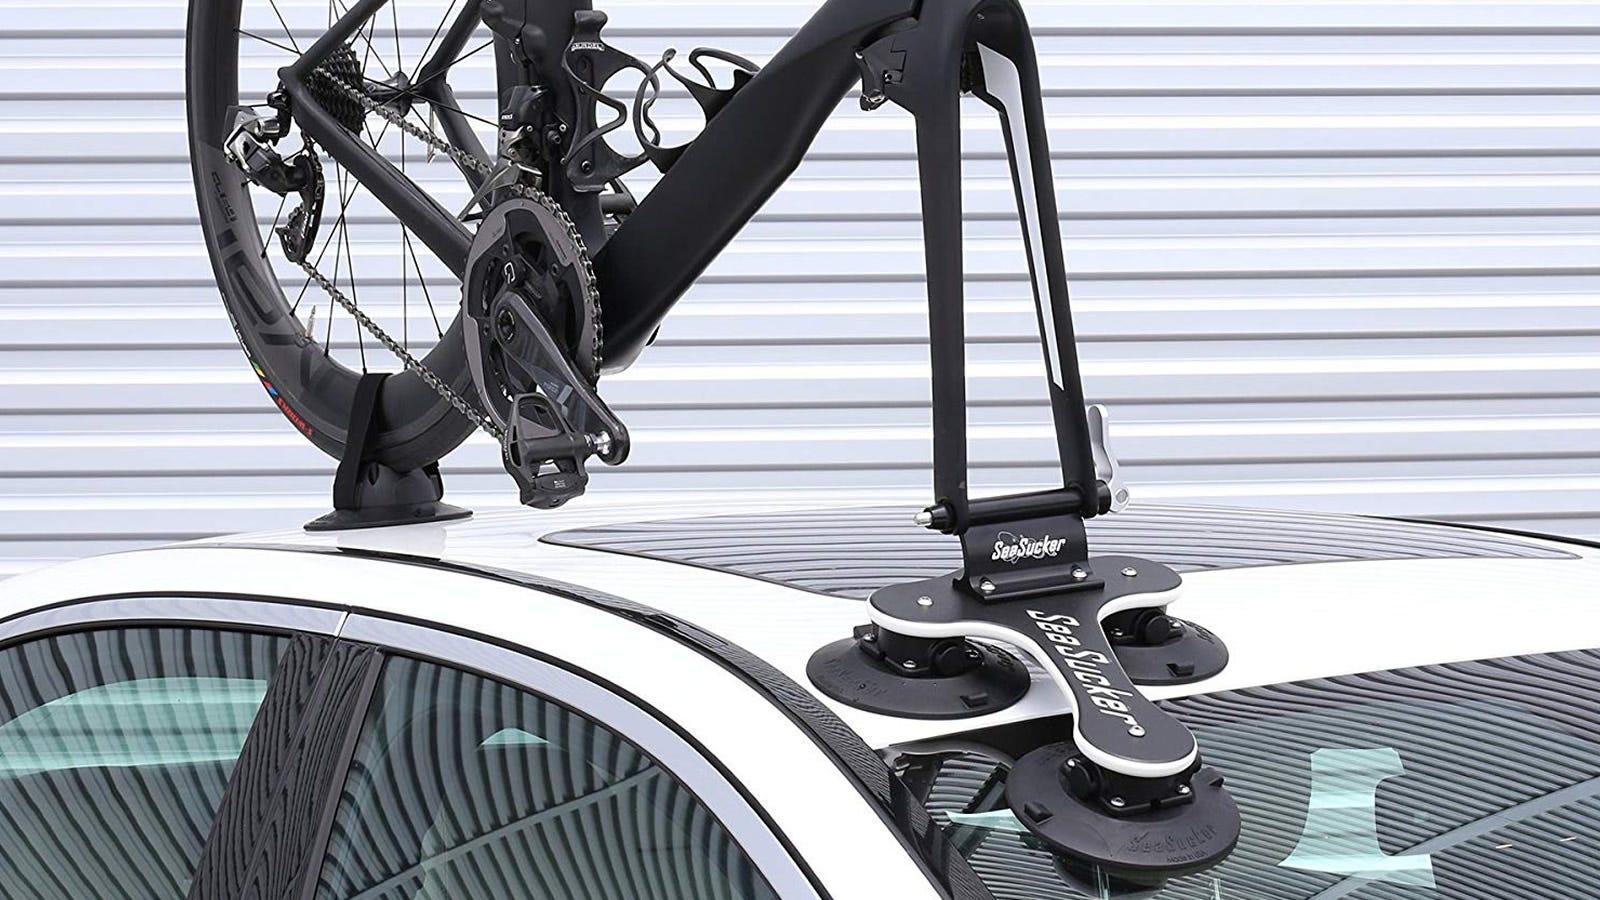 SeaSucker Talon car bike rack